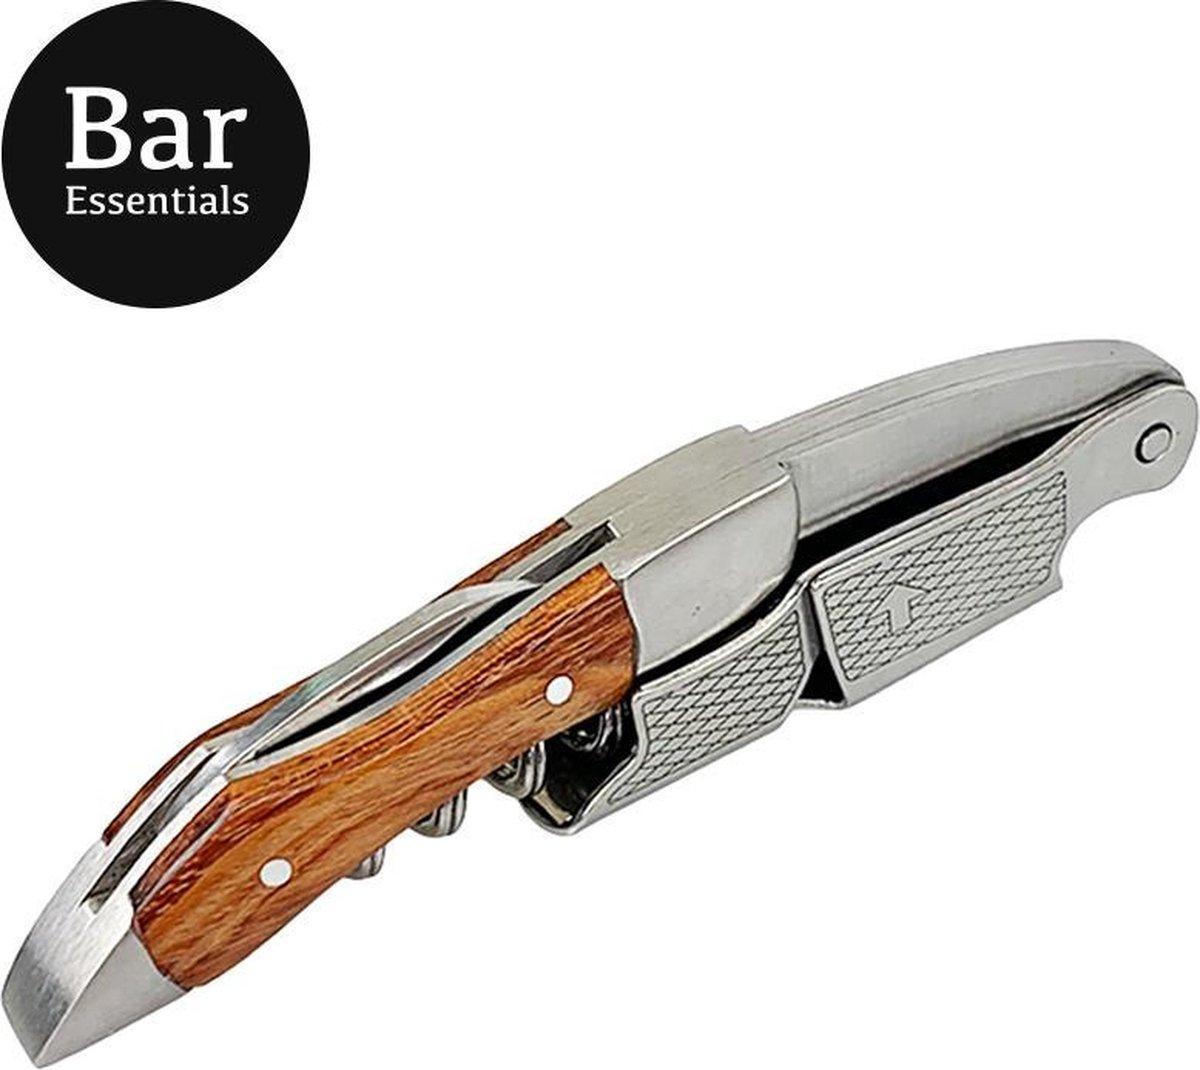 Bar Essentials Heavy Duty Kelnersmes met gesleufde groef - Kurkentrekker wijn - Wijnopener - Sommelier - Giftbox